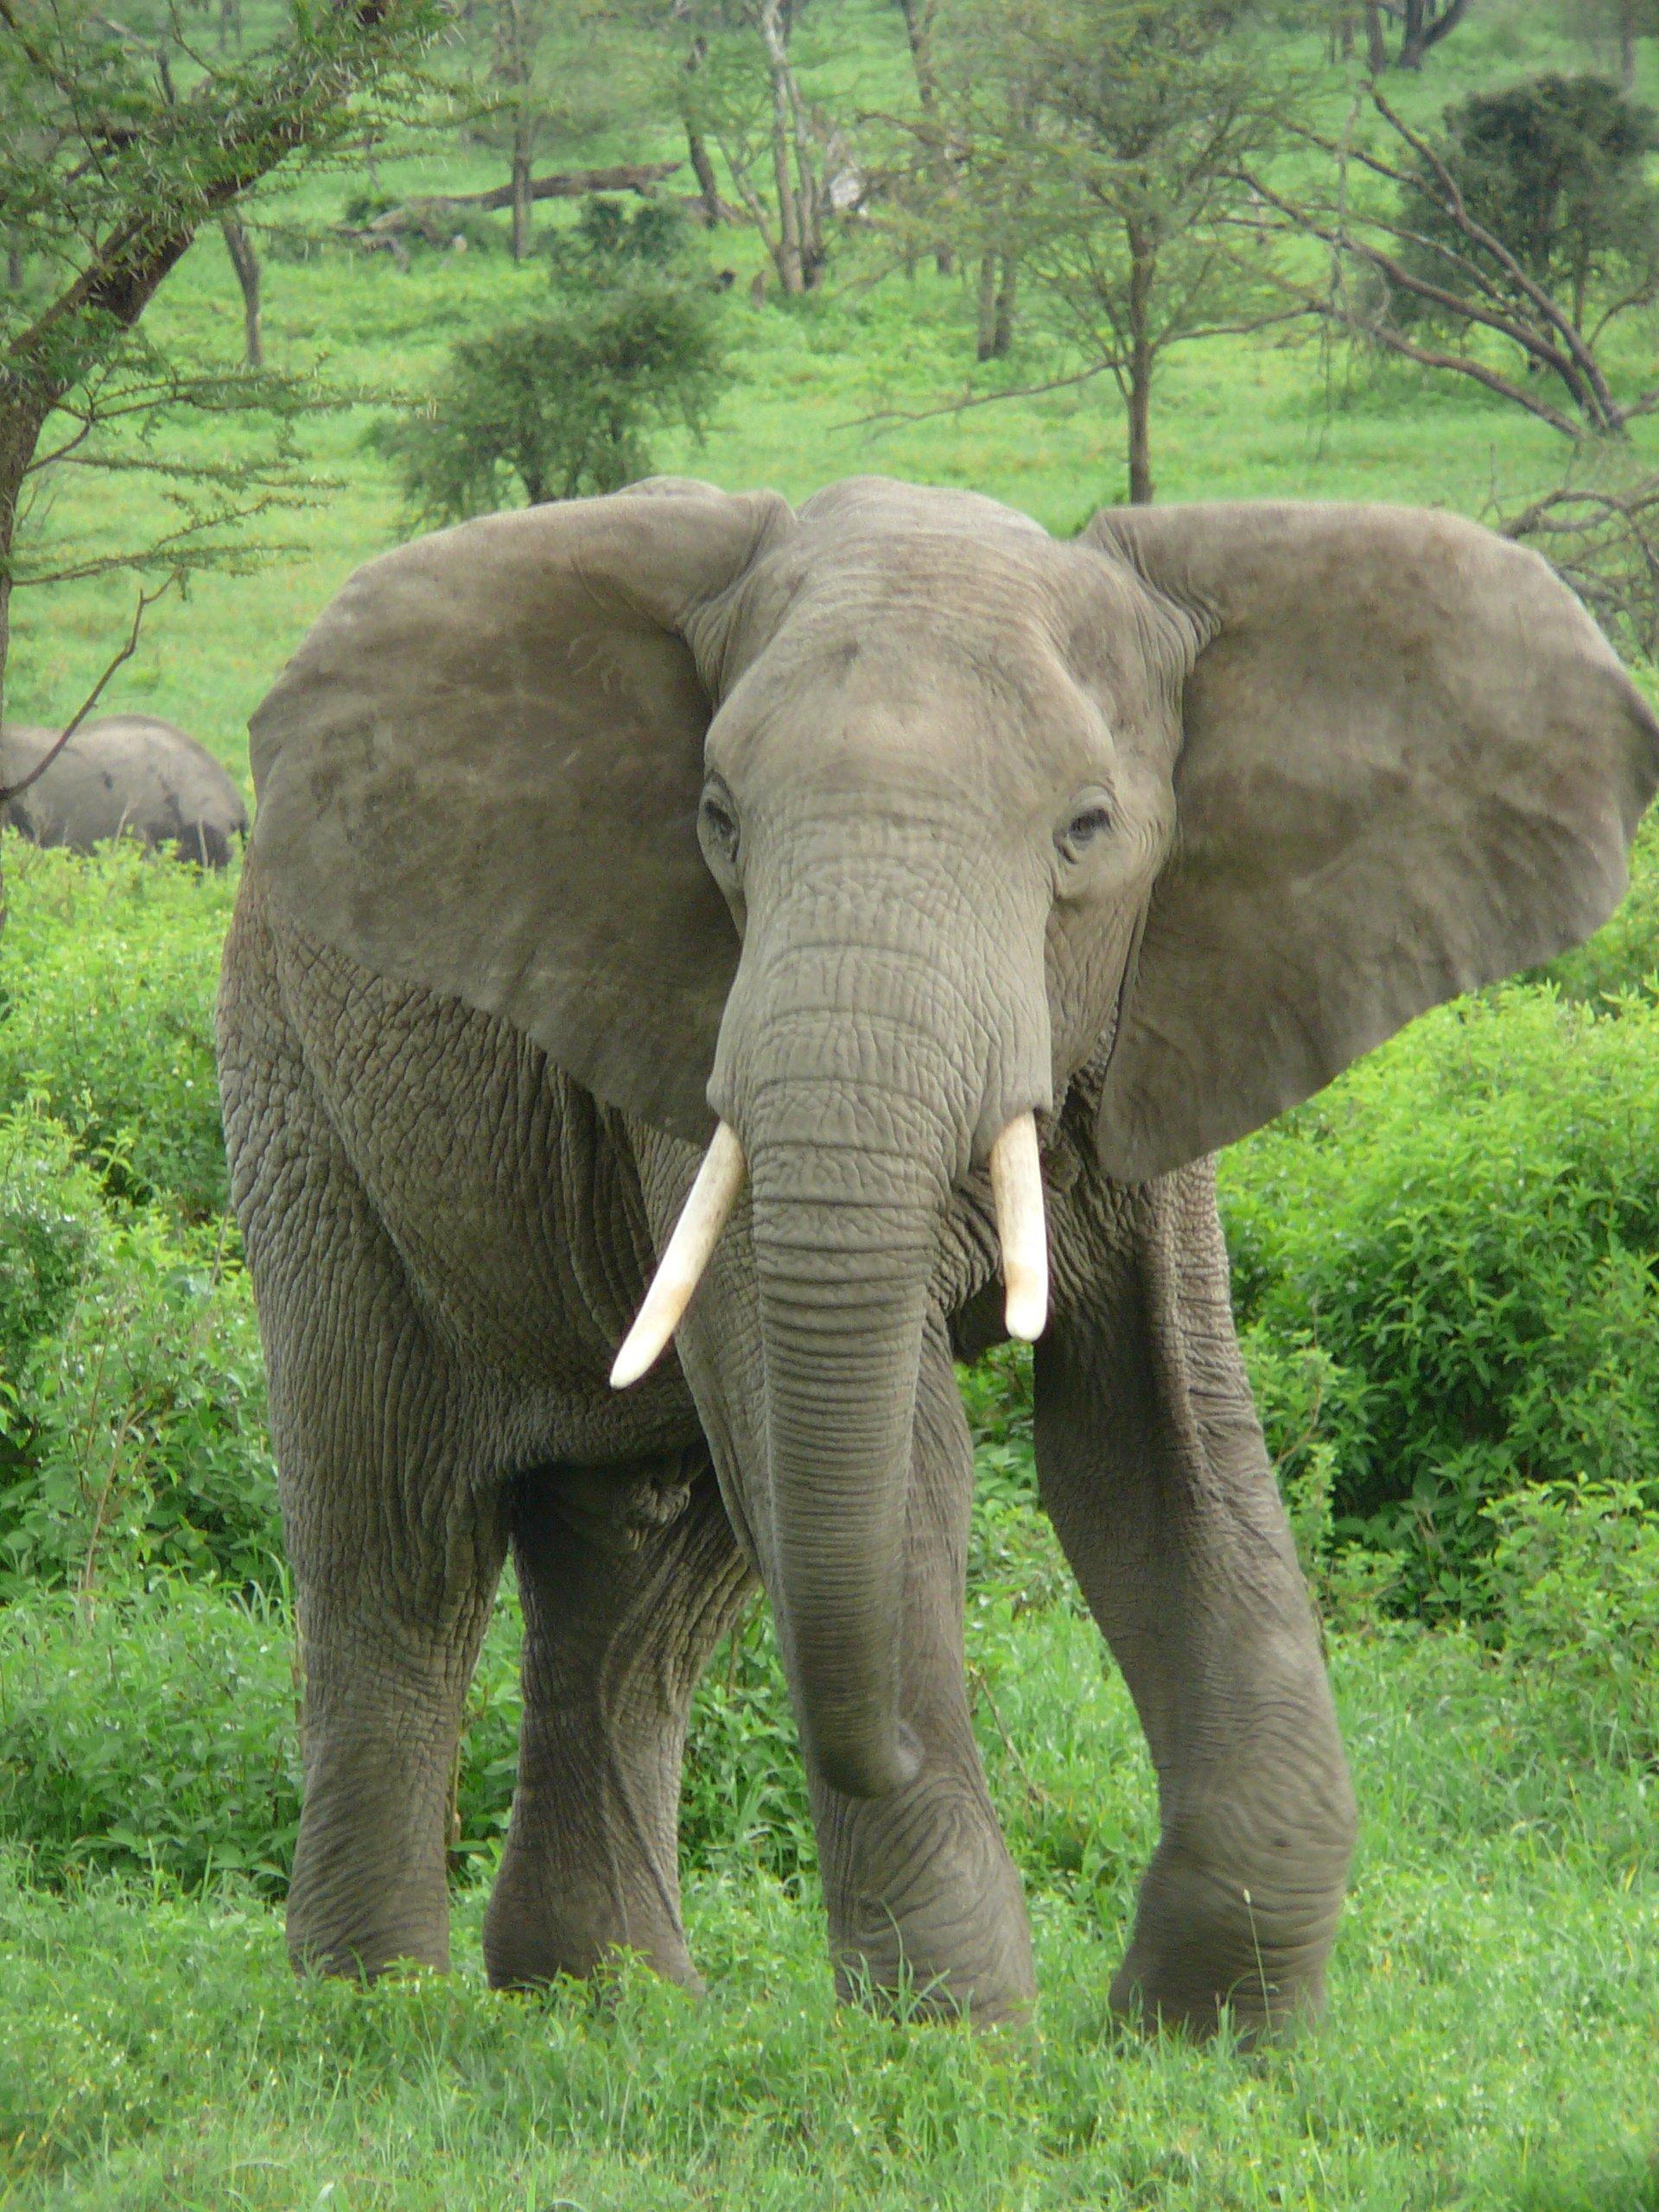 코끼리 이미지 검색결과